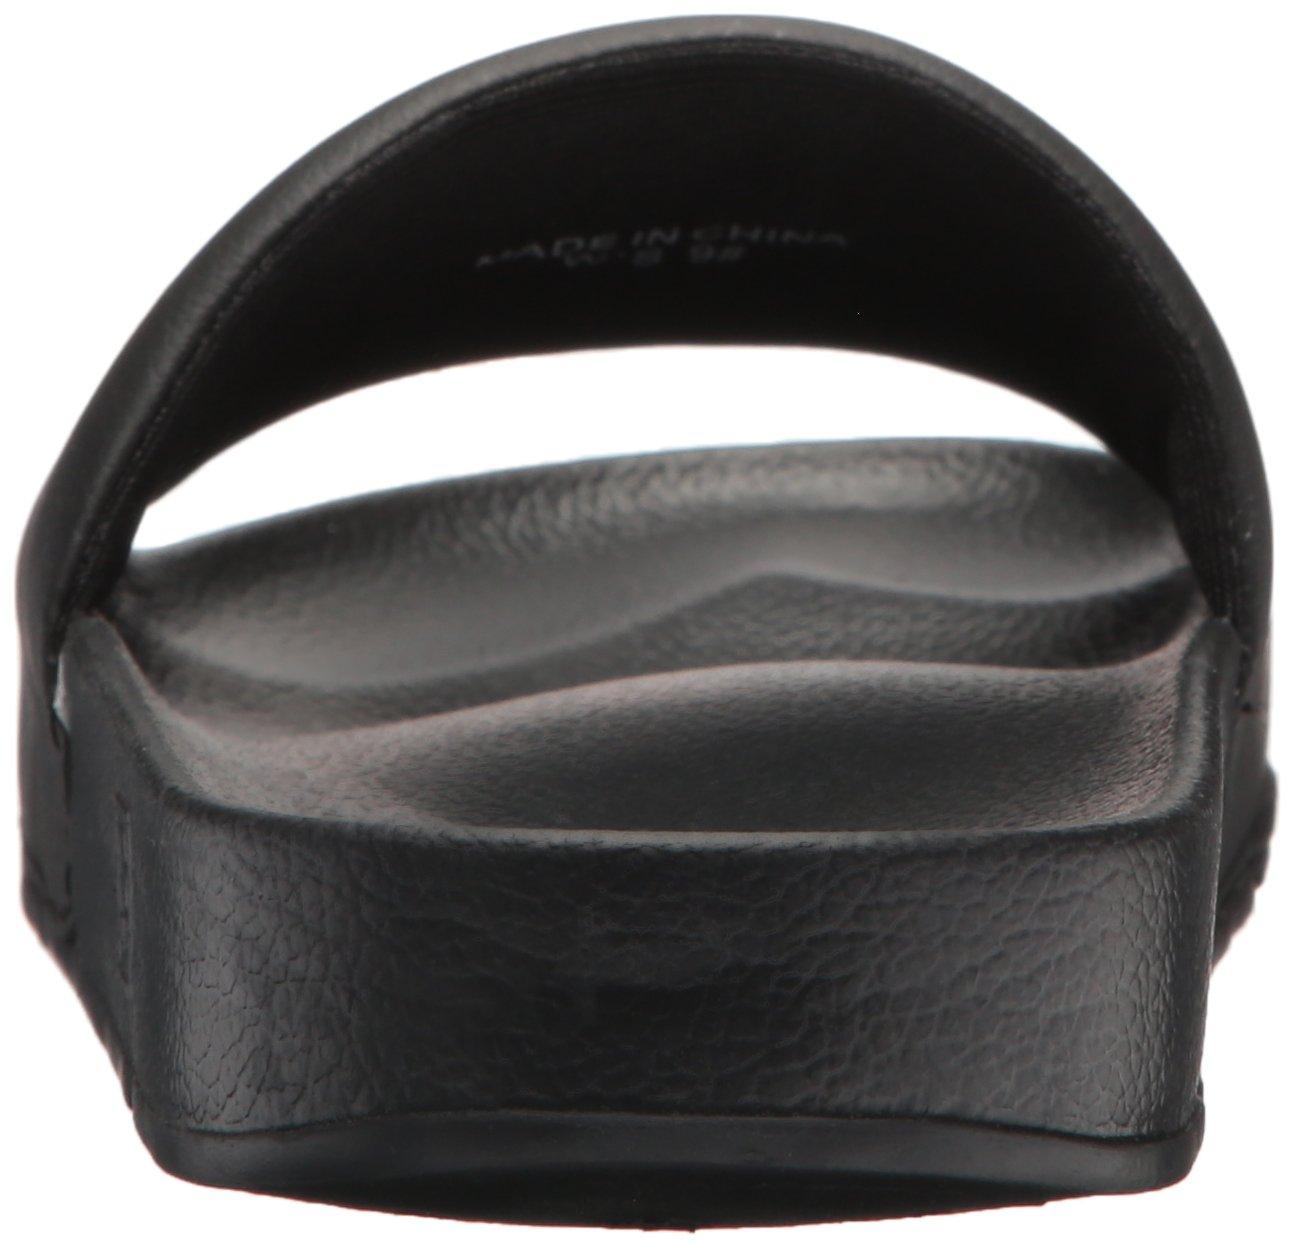 Fila Women's Drifter Slide Sandal B071HFG4Y3 8 B(M) US|Black/Fila Red/White